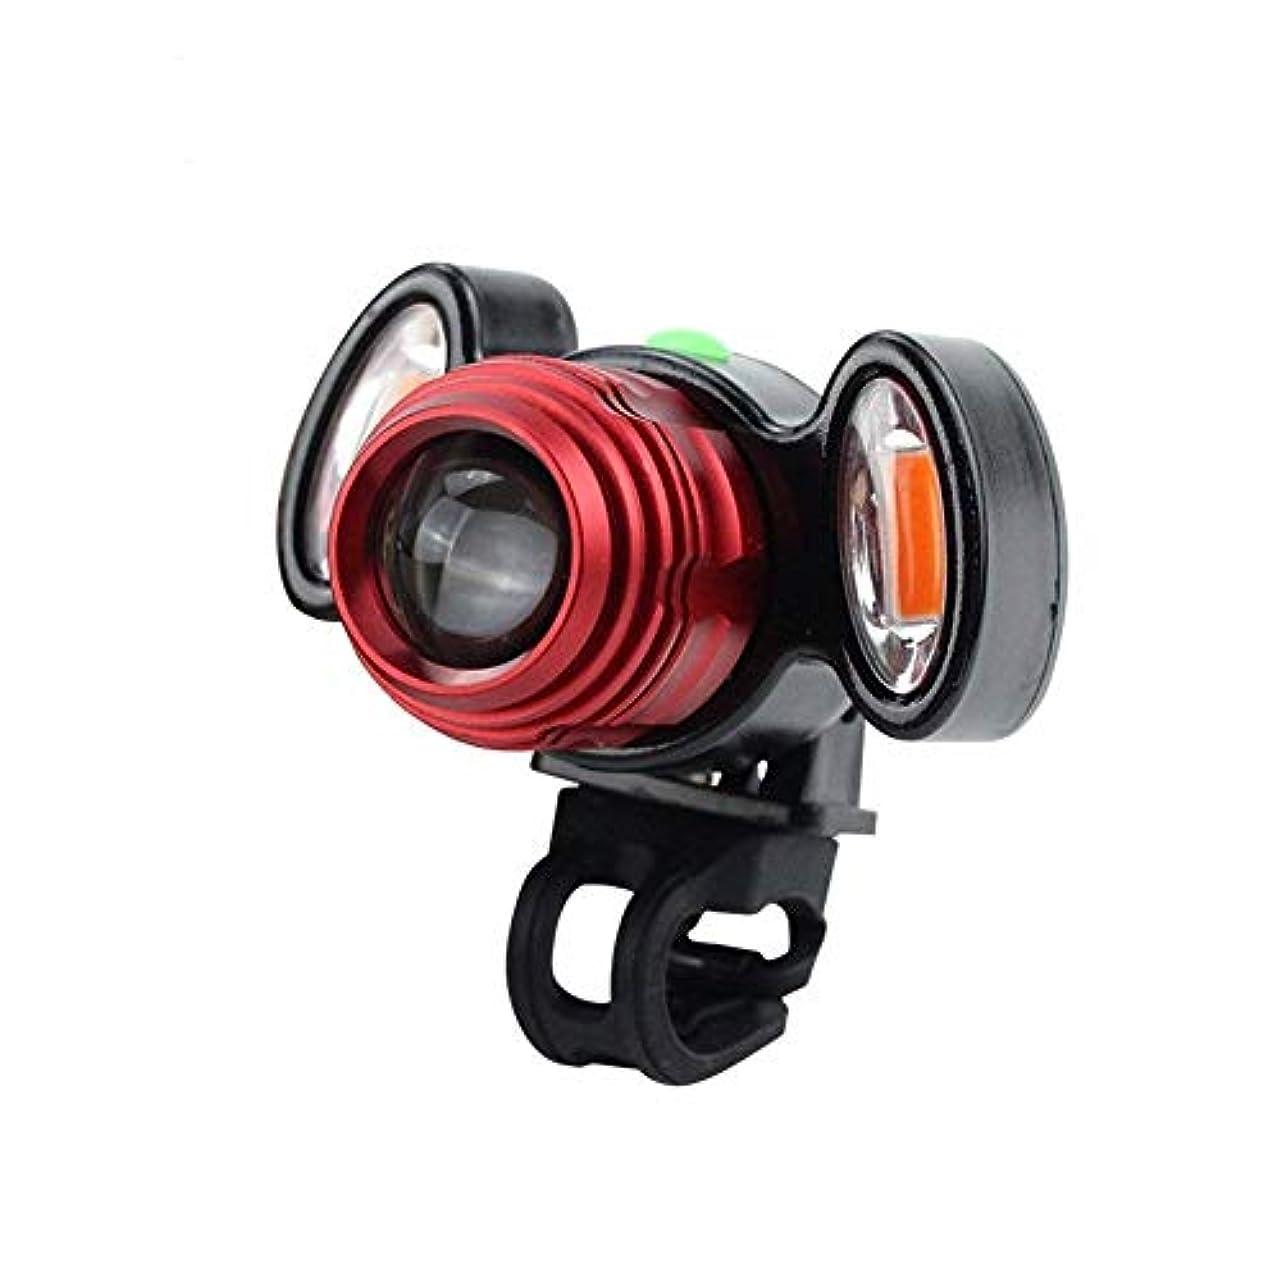 禁輸ローズ包括的USB充電式自転車用フロントライト、防水性、スーパーブライト自転車用LEDライト&テールライトセット屋外での使用にも便利なサイクリングセーフティ懐中電灯